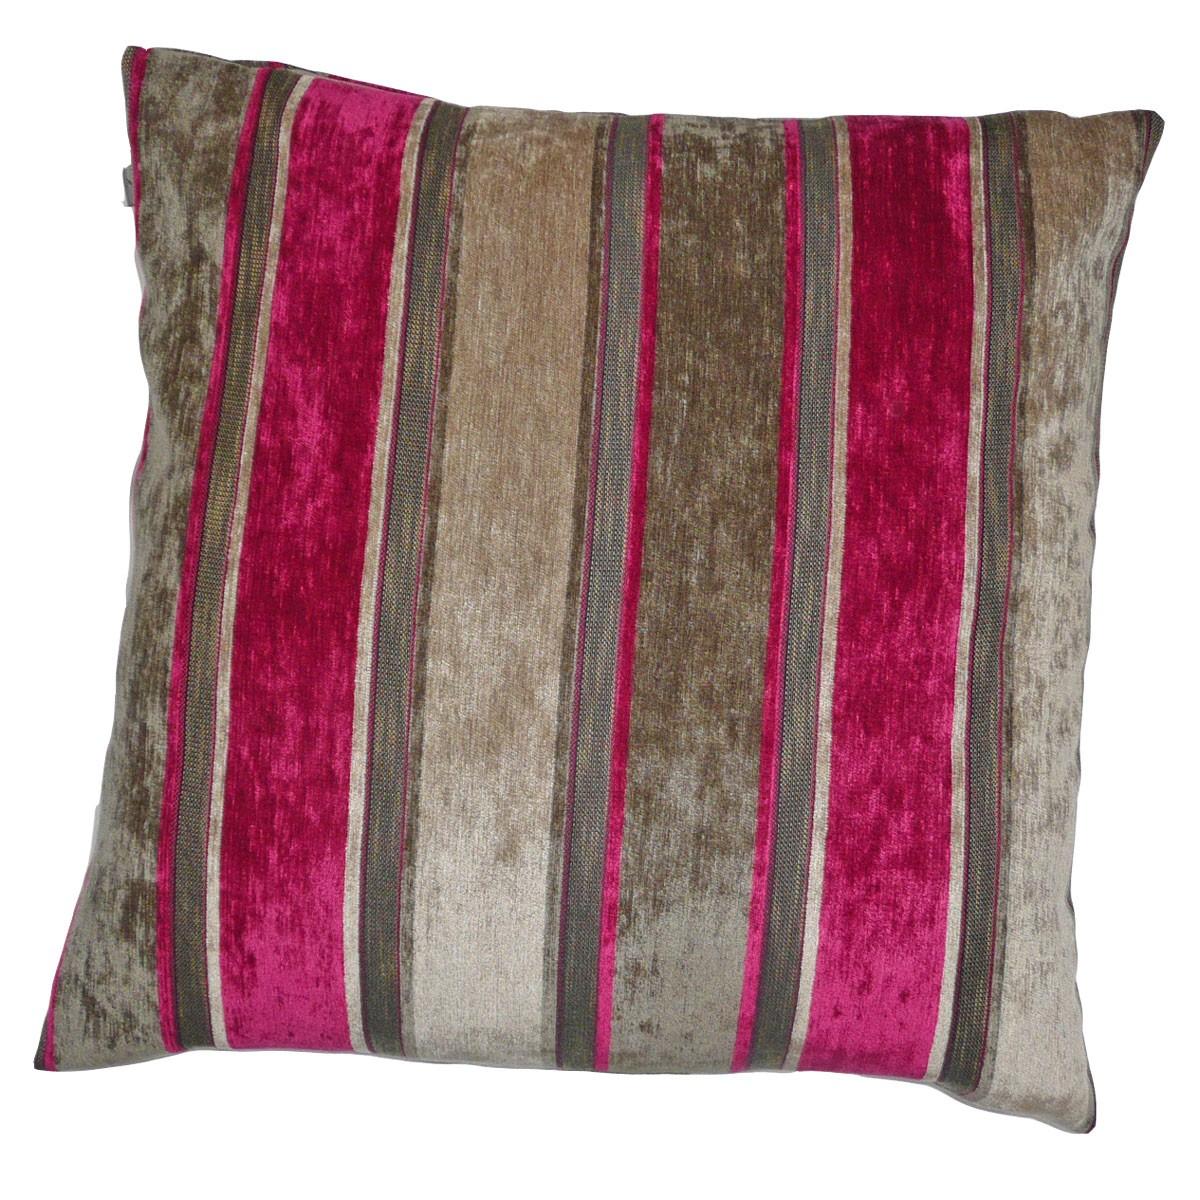 kissen kissenh lle streifen braun pink 70x70cm ebay. Black Bedroom Furniture Sets. Home Design Ideas